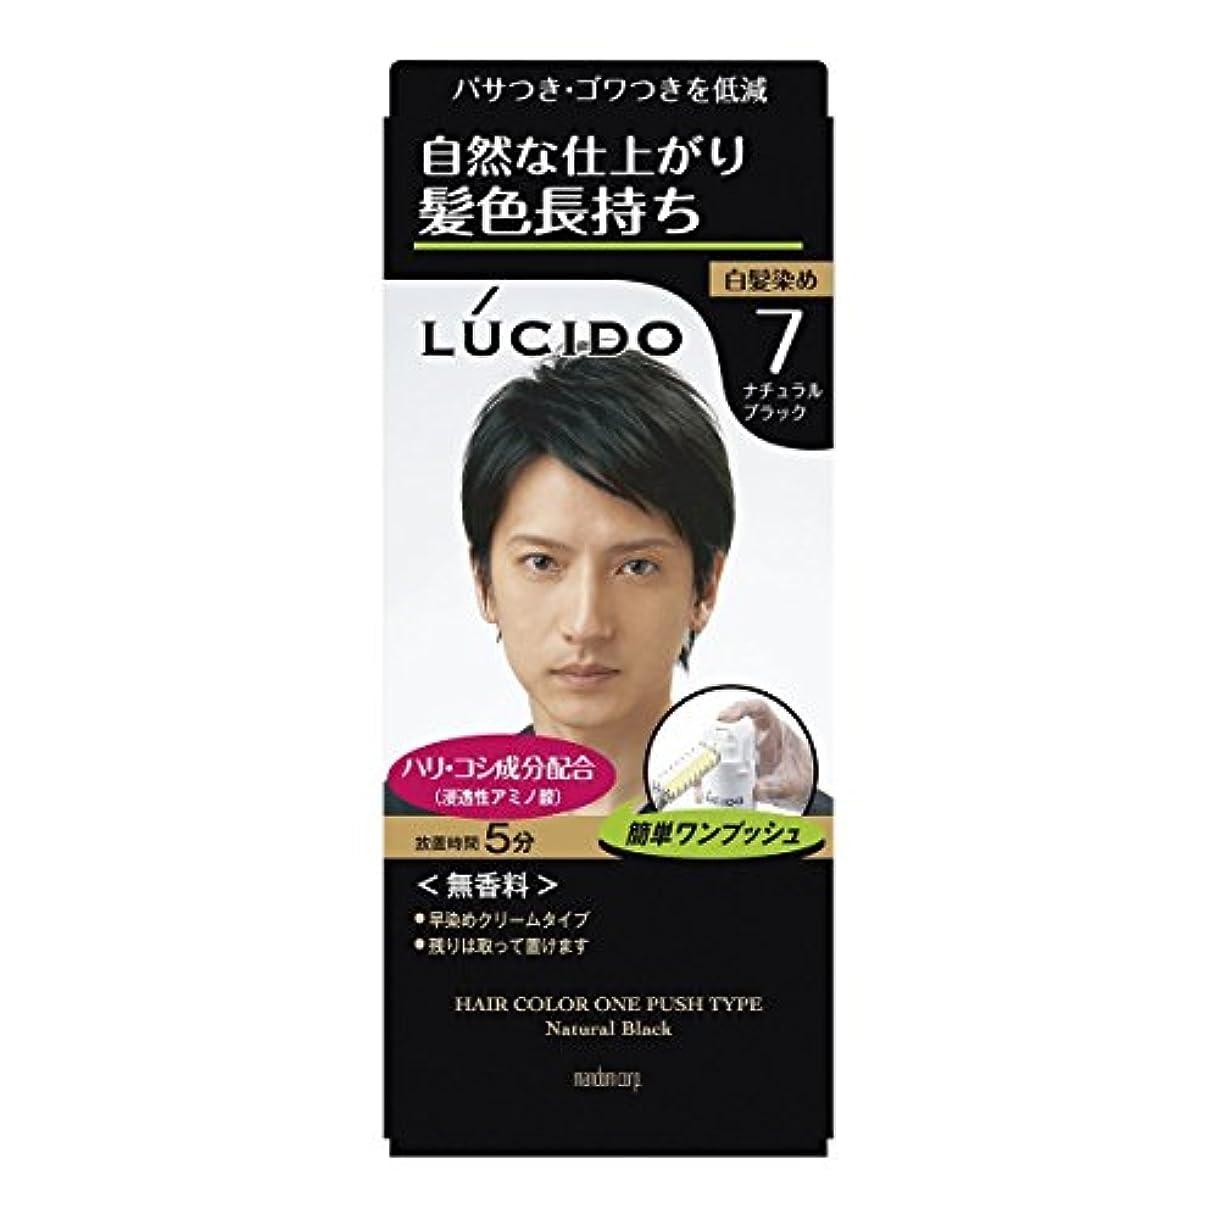 【マンダム】ルシード ワンプッシュケアカラー 7 ナチュラルブラック 1剤50g?2剤50g ×20個セット